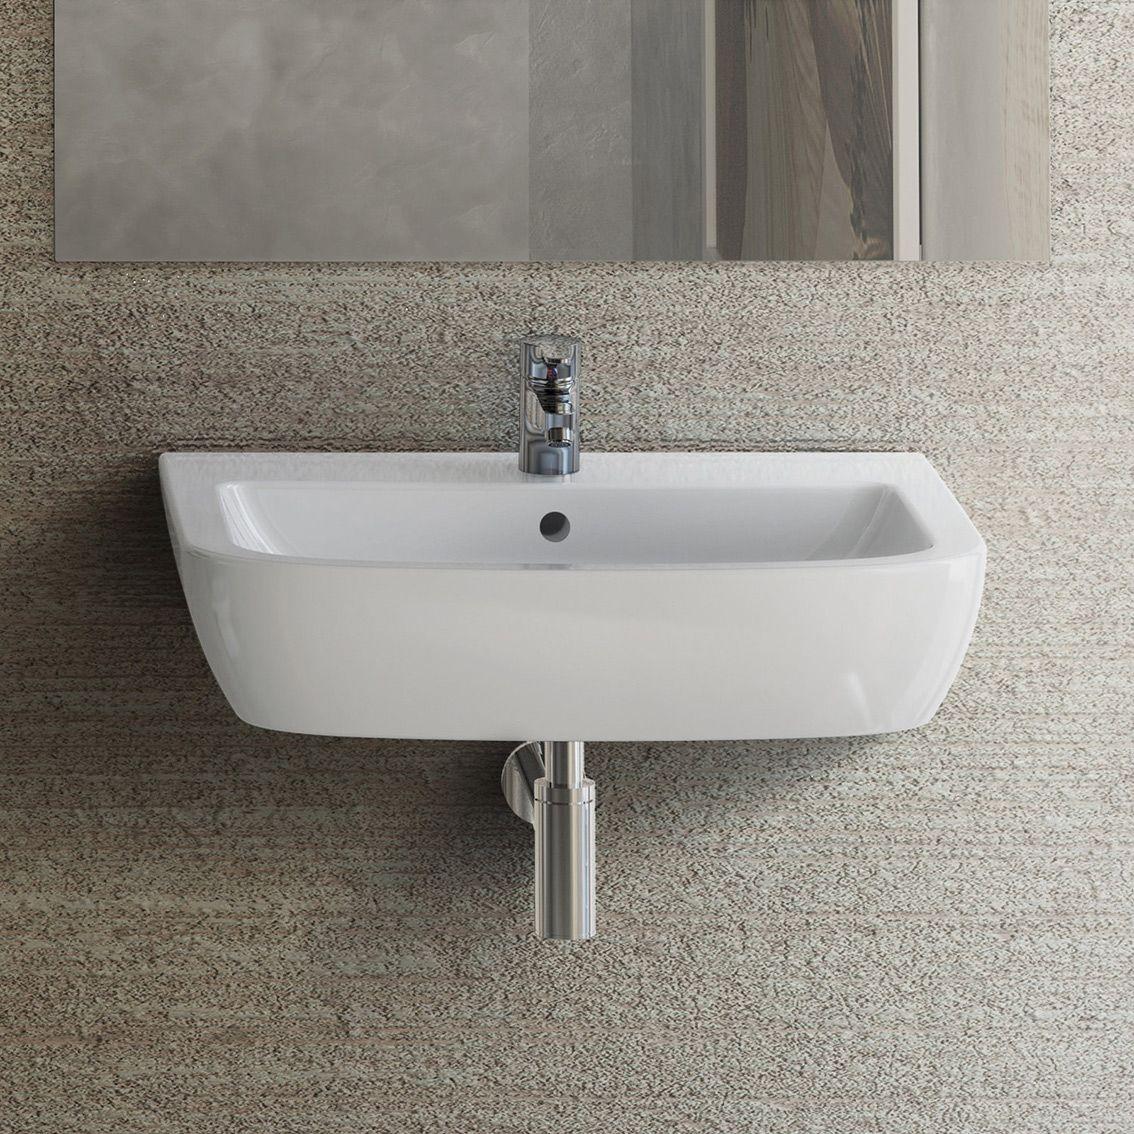 Ha una linea essenziale il lavabo sospeso Gemma 2 di Ceramica Dolomite in cer...